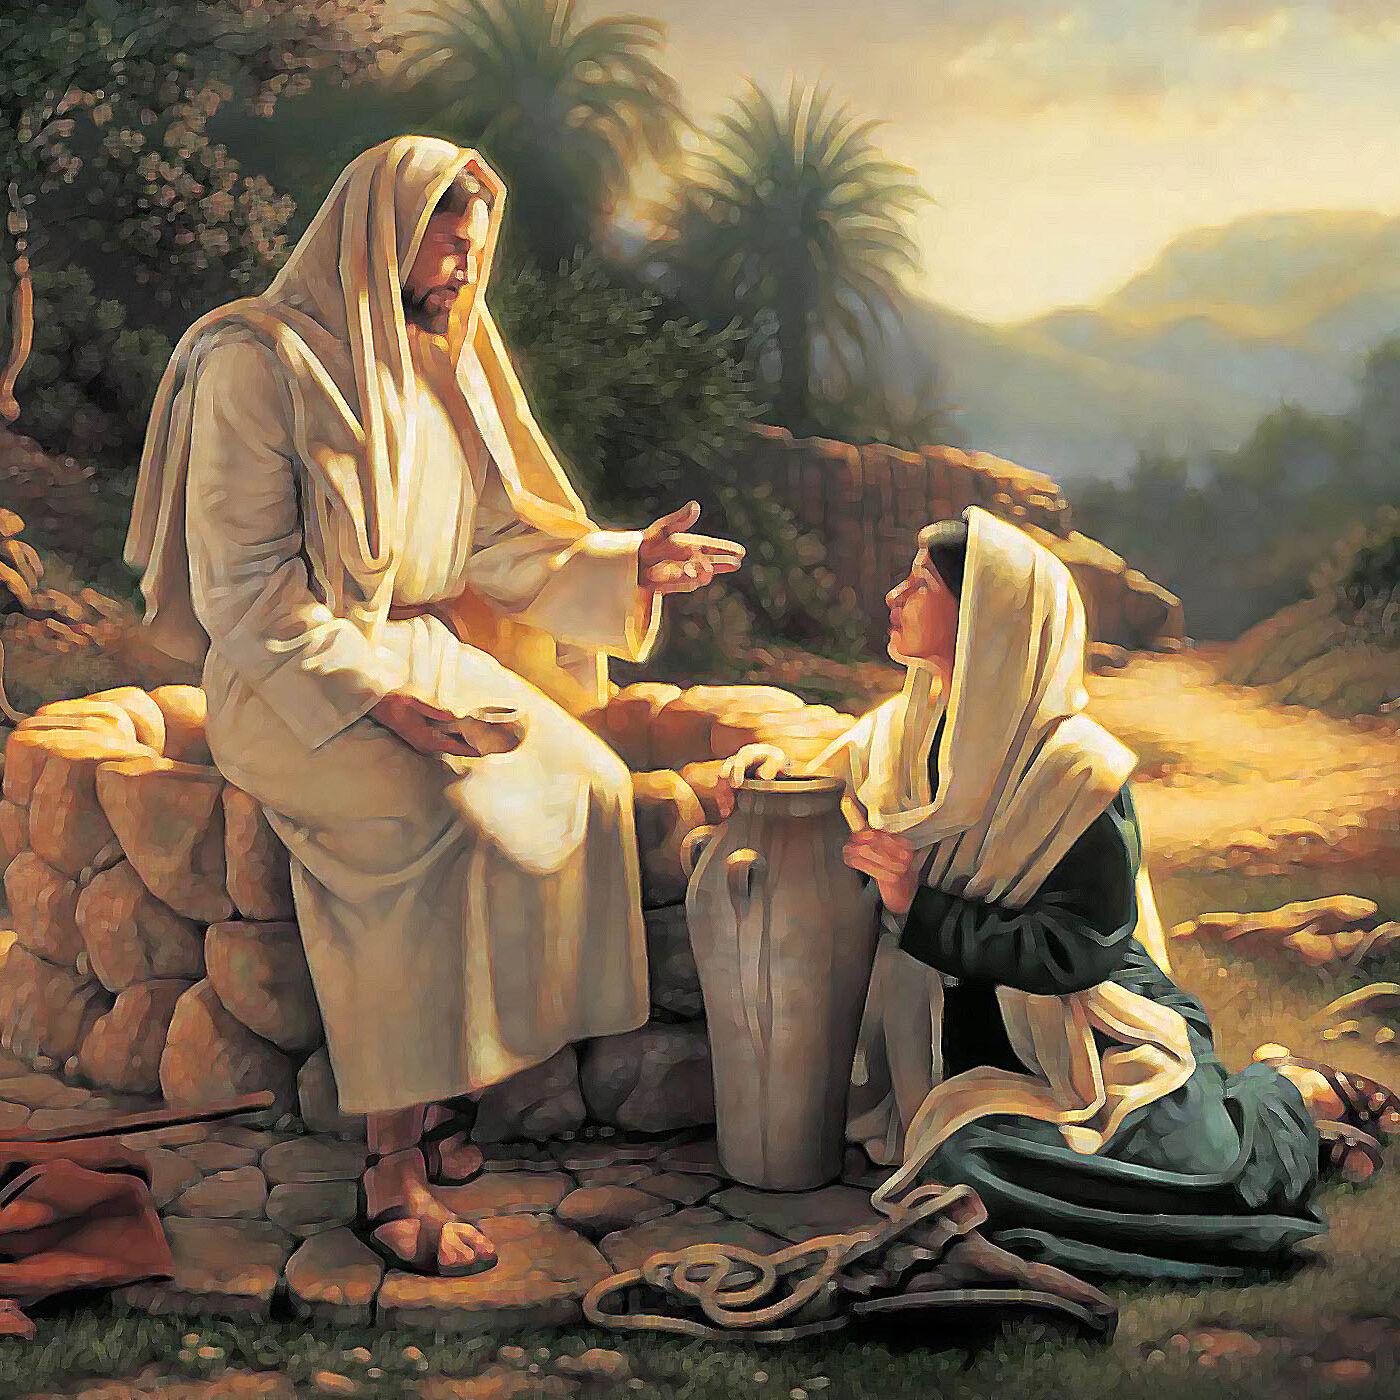 riflessioni sul Vangelo di Martedì 9 Febbraio 2021 (Mc 7, 1-13) - Apostola in formazione Alexa